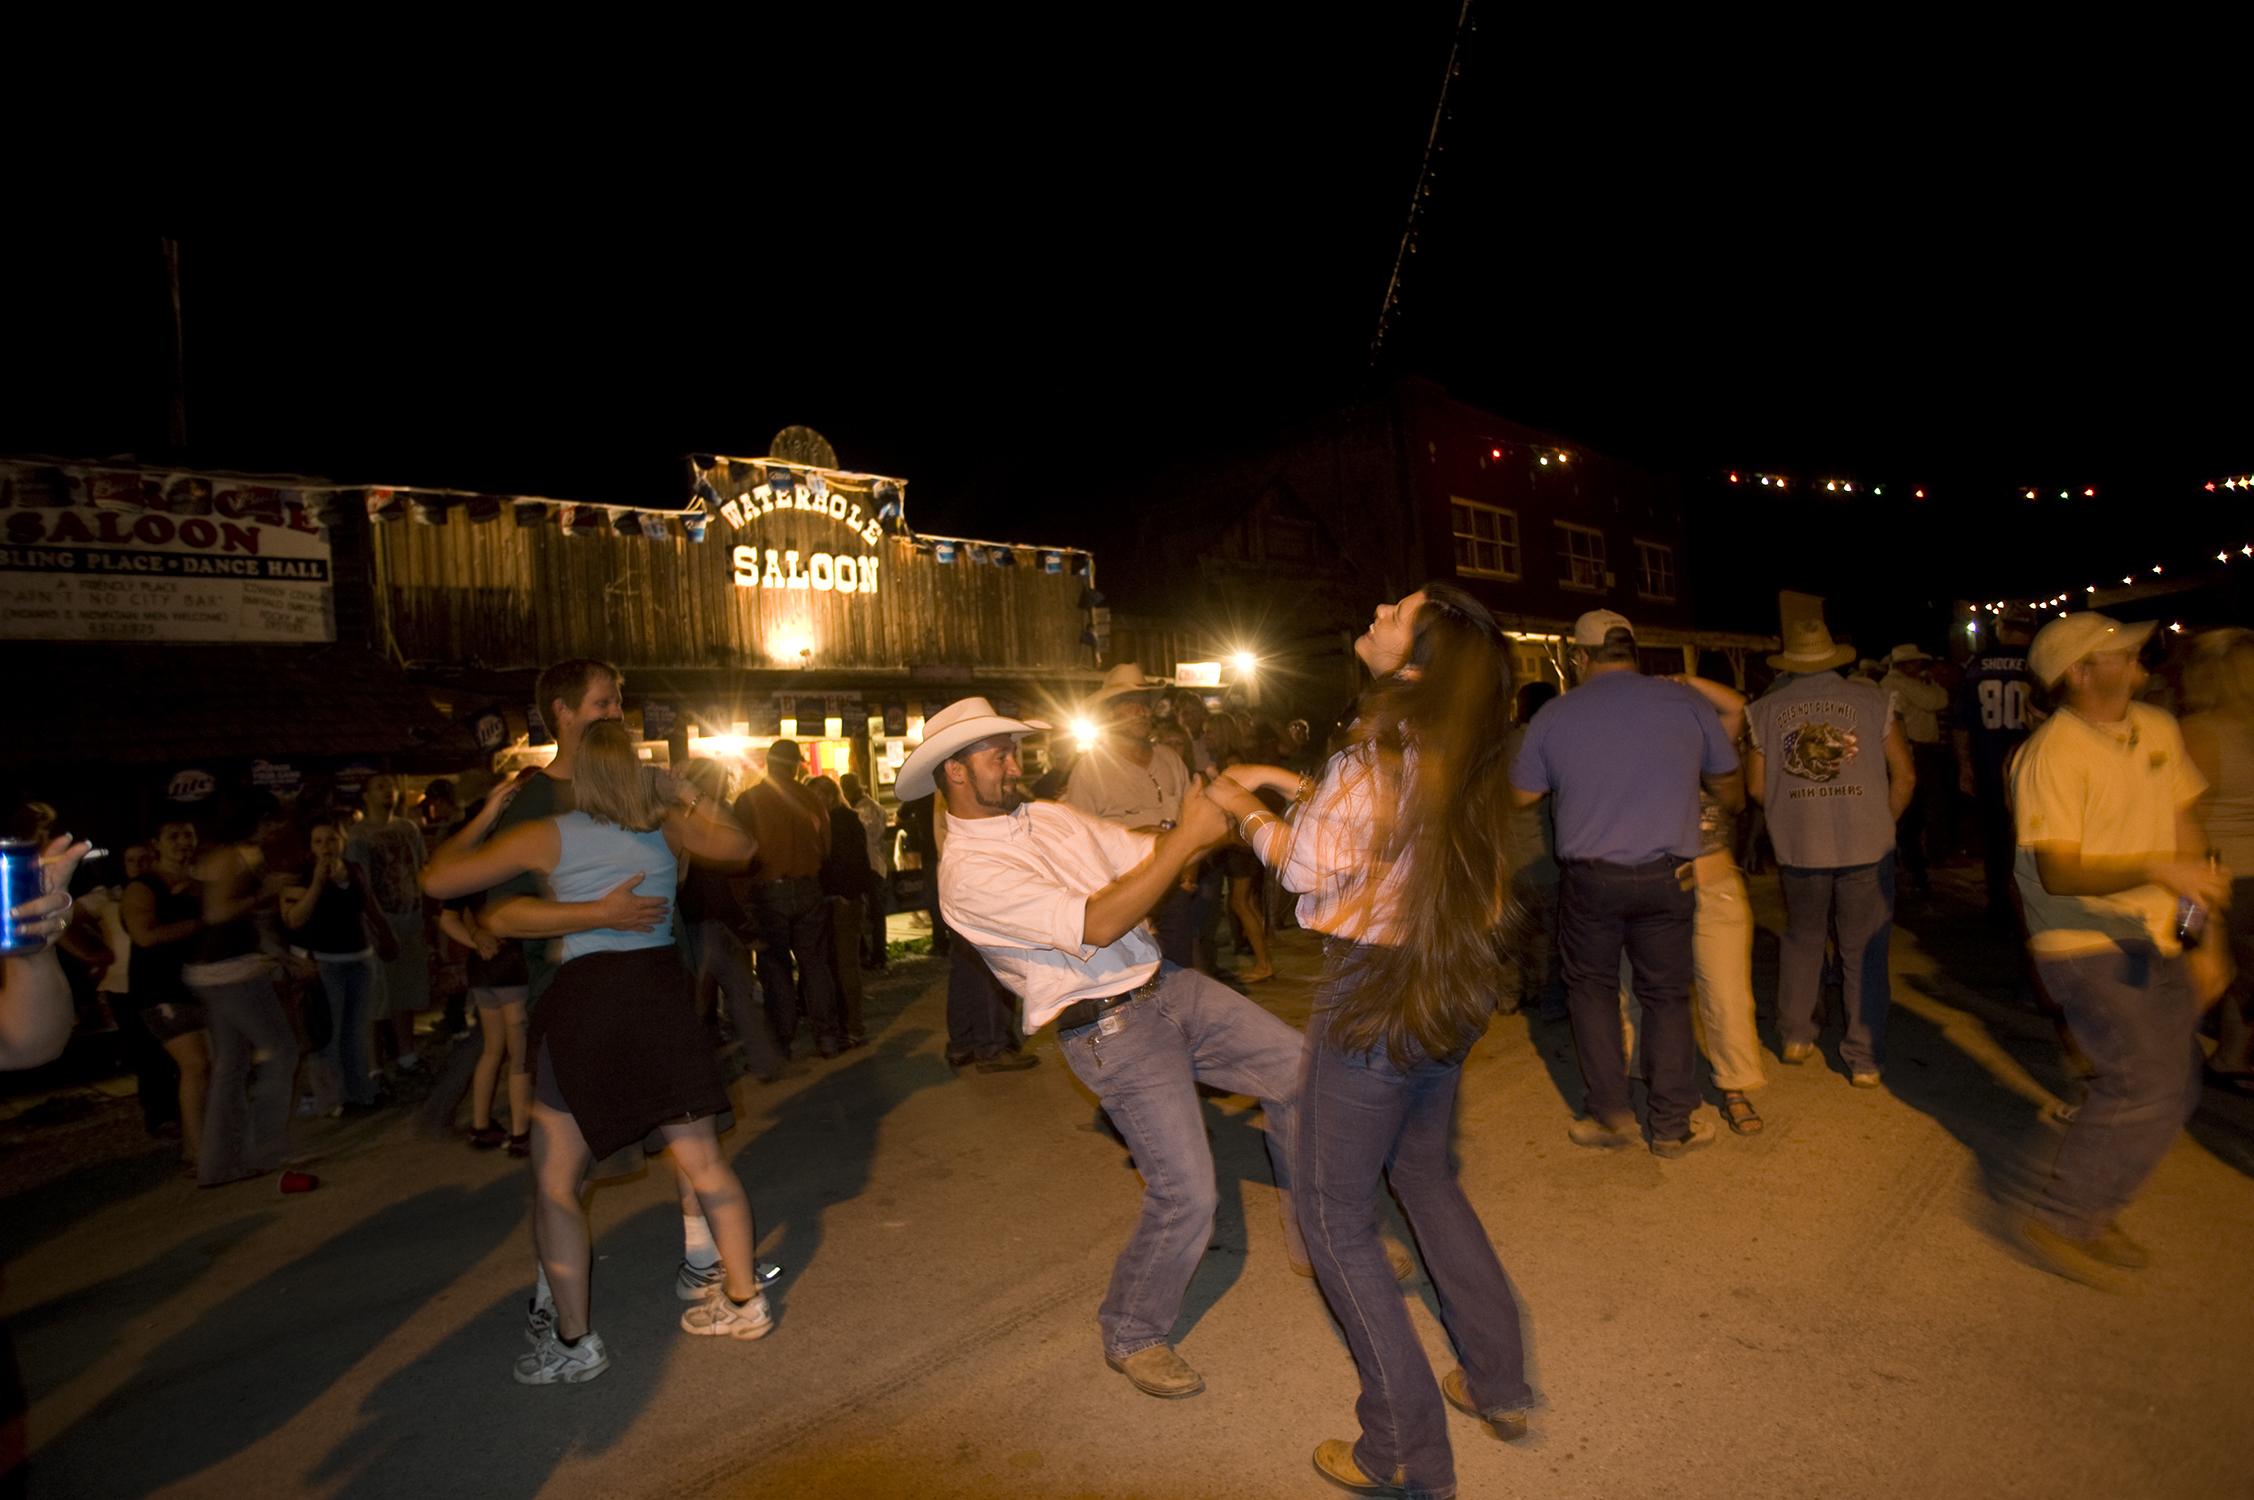 یک زوج در خیابان در حال رقصیدن هستند (عکس تقدیمی از دفتر گردشگری مونتانا)